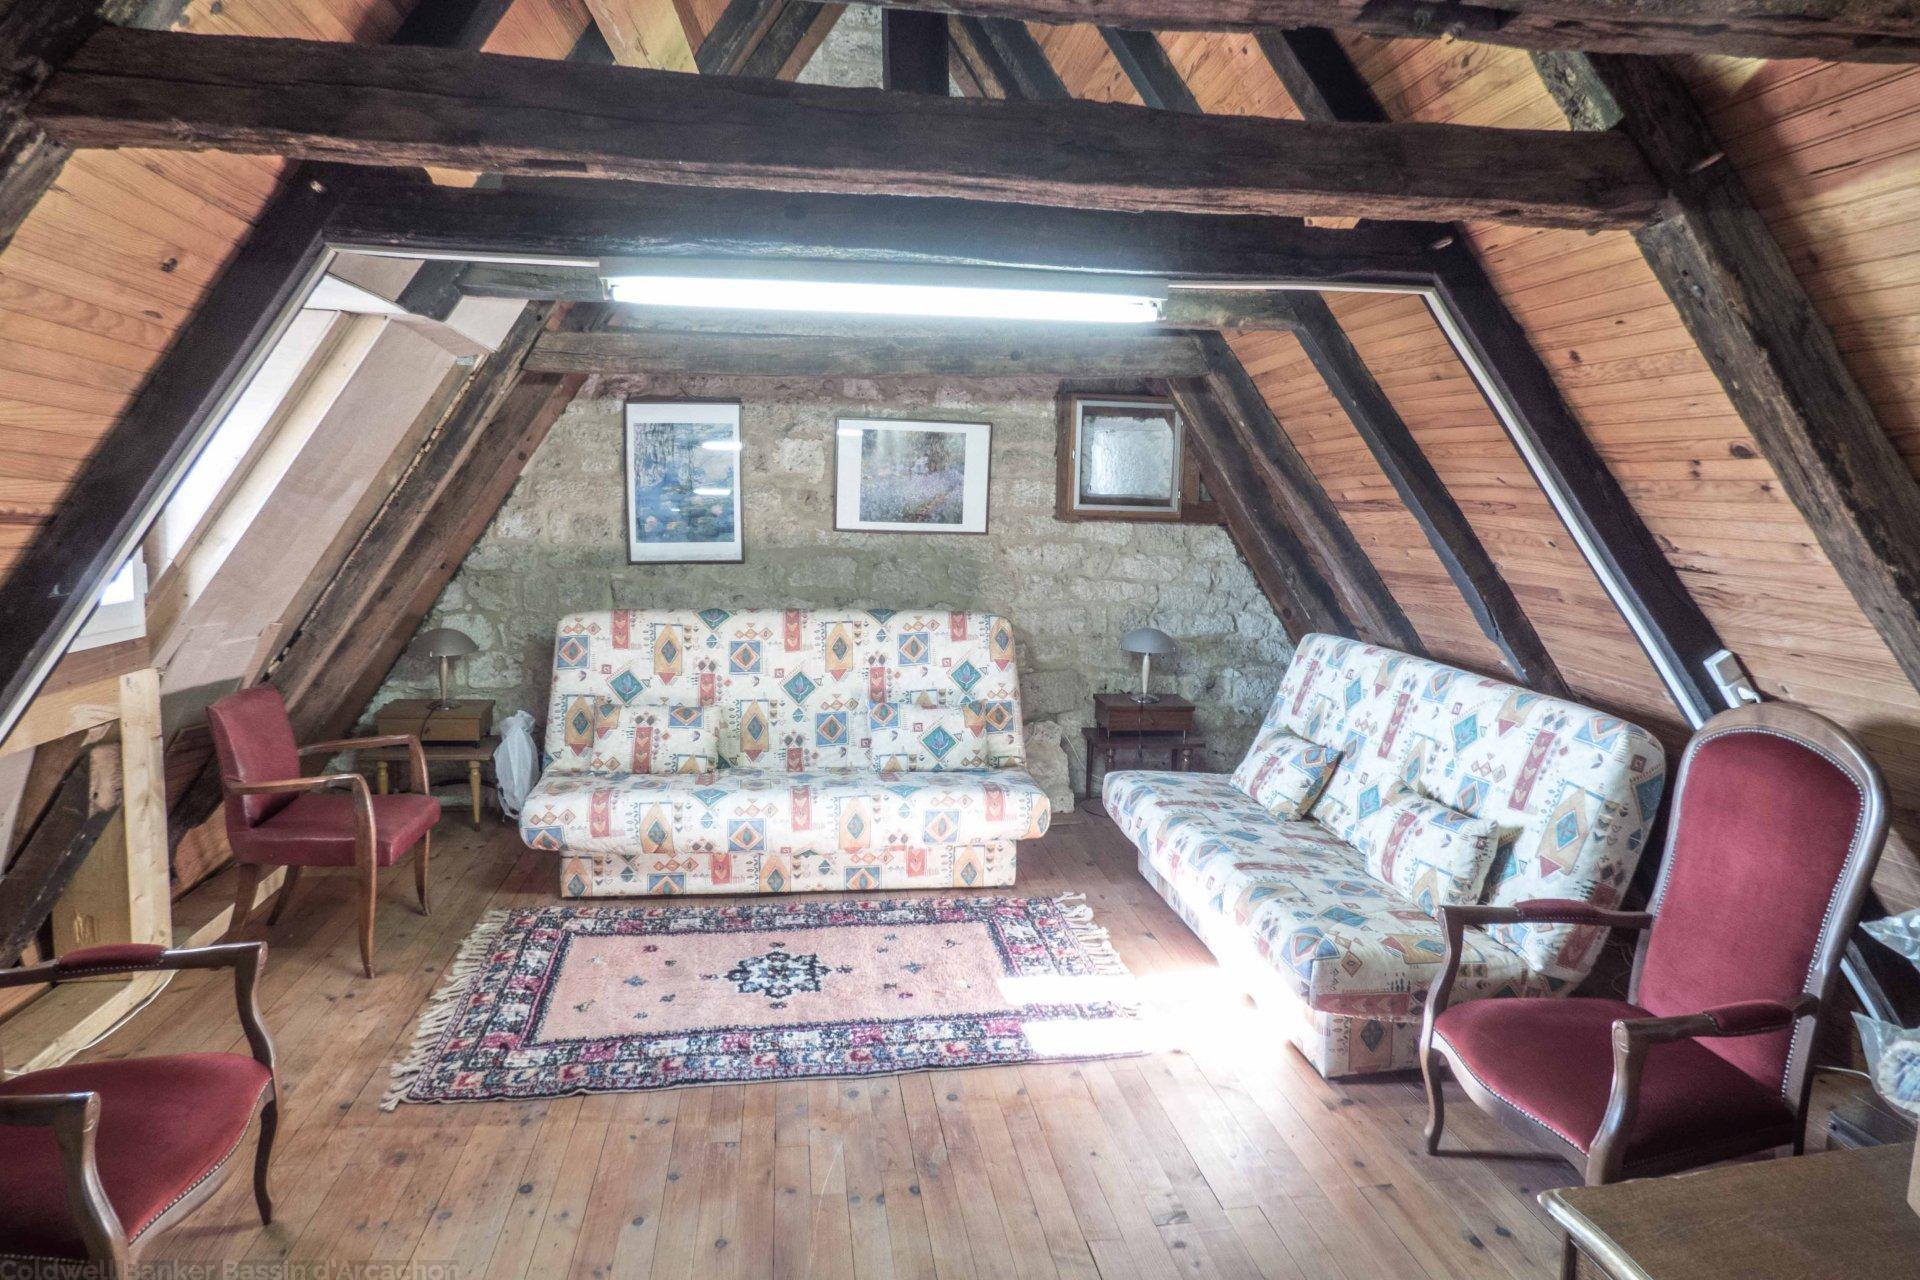 Vente maison 2 chambres possibilite 3 proche villereal beaumont du perigord issigeac